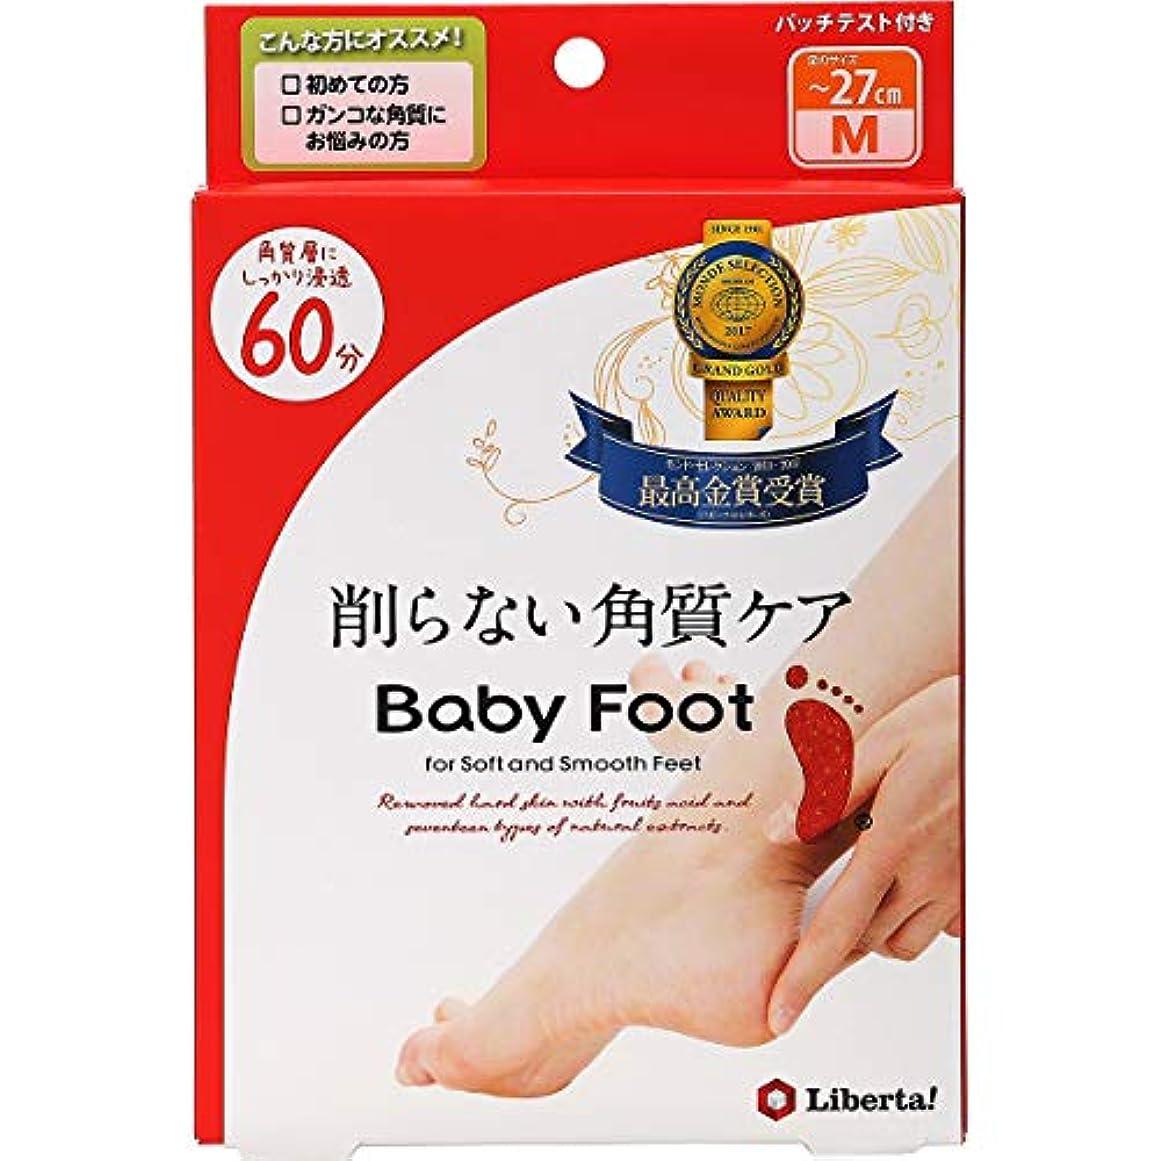 置換小石落ちたベビーフット (Baby Foot) ベビーフット イージーパック SPT60分タイプ Mサイズ 単品